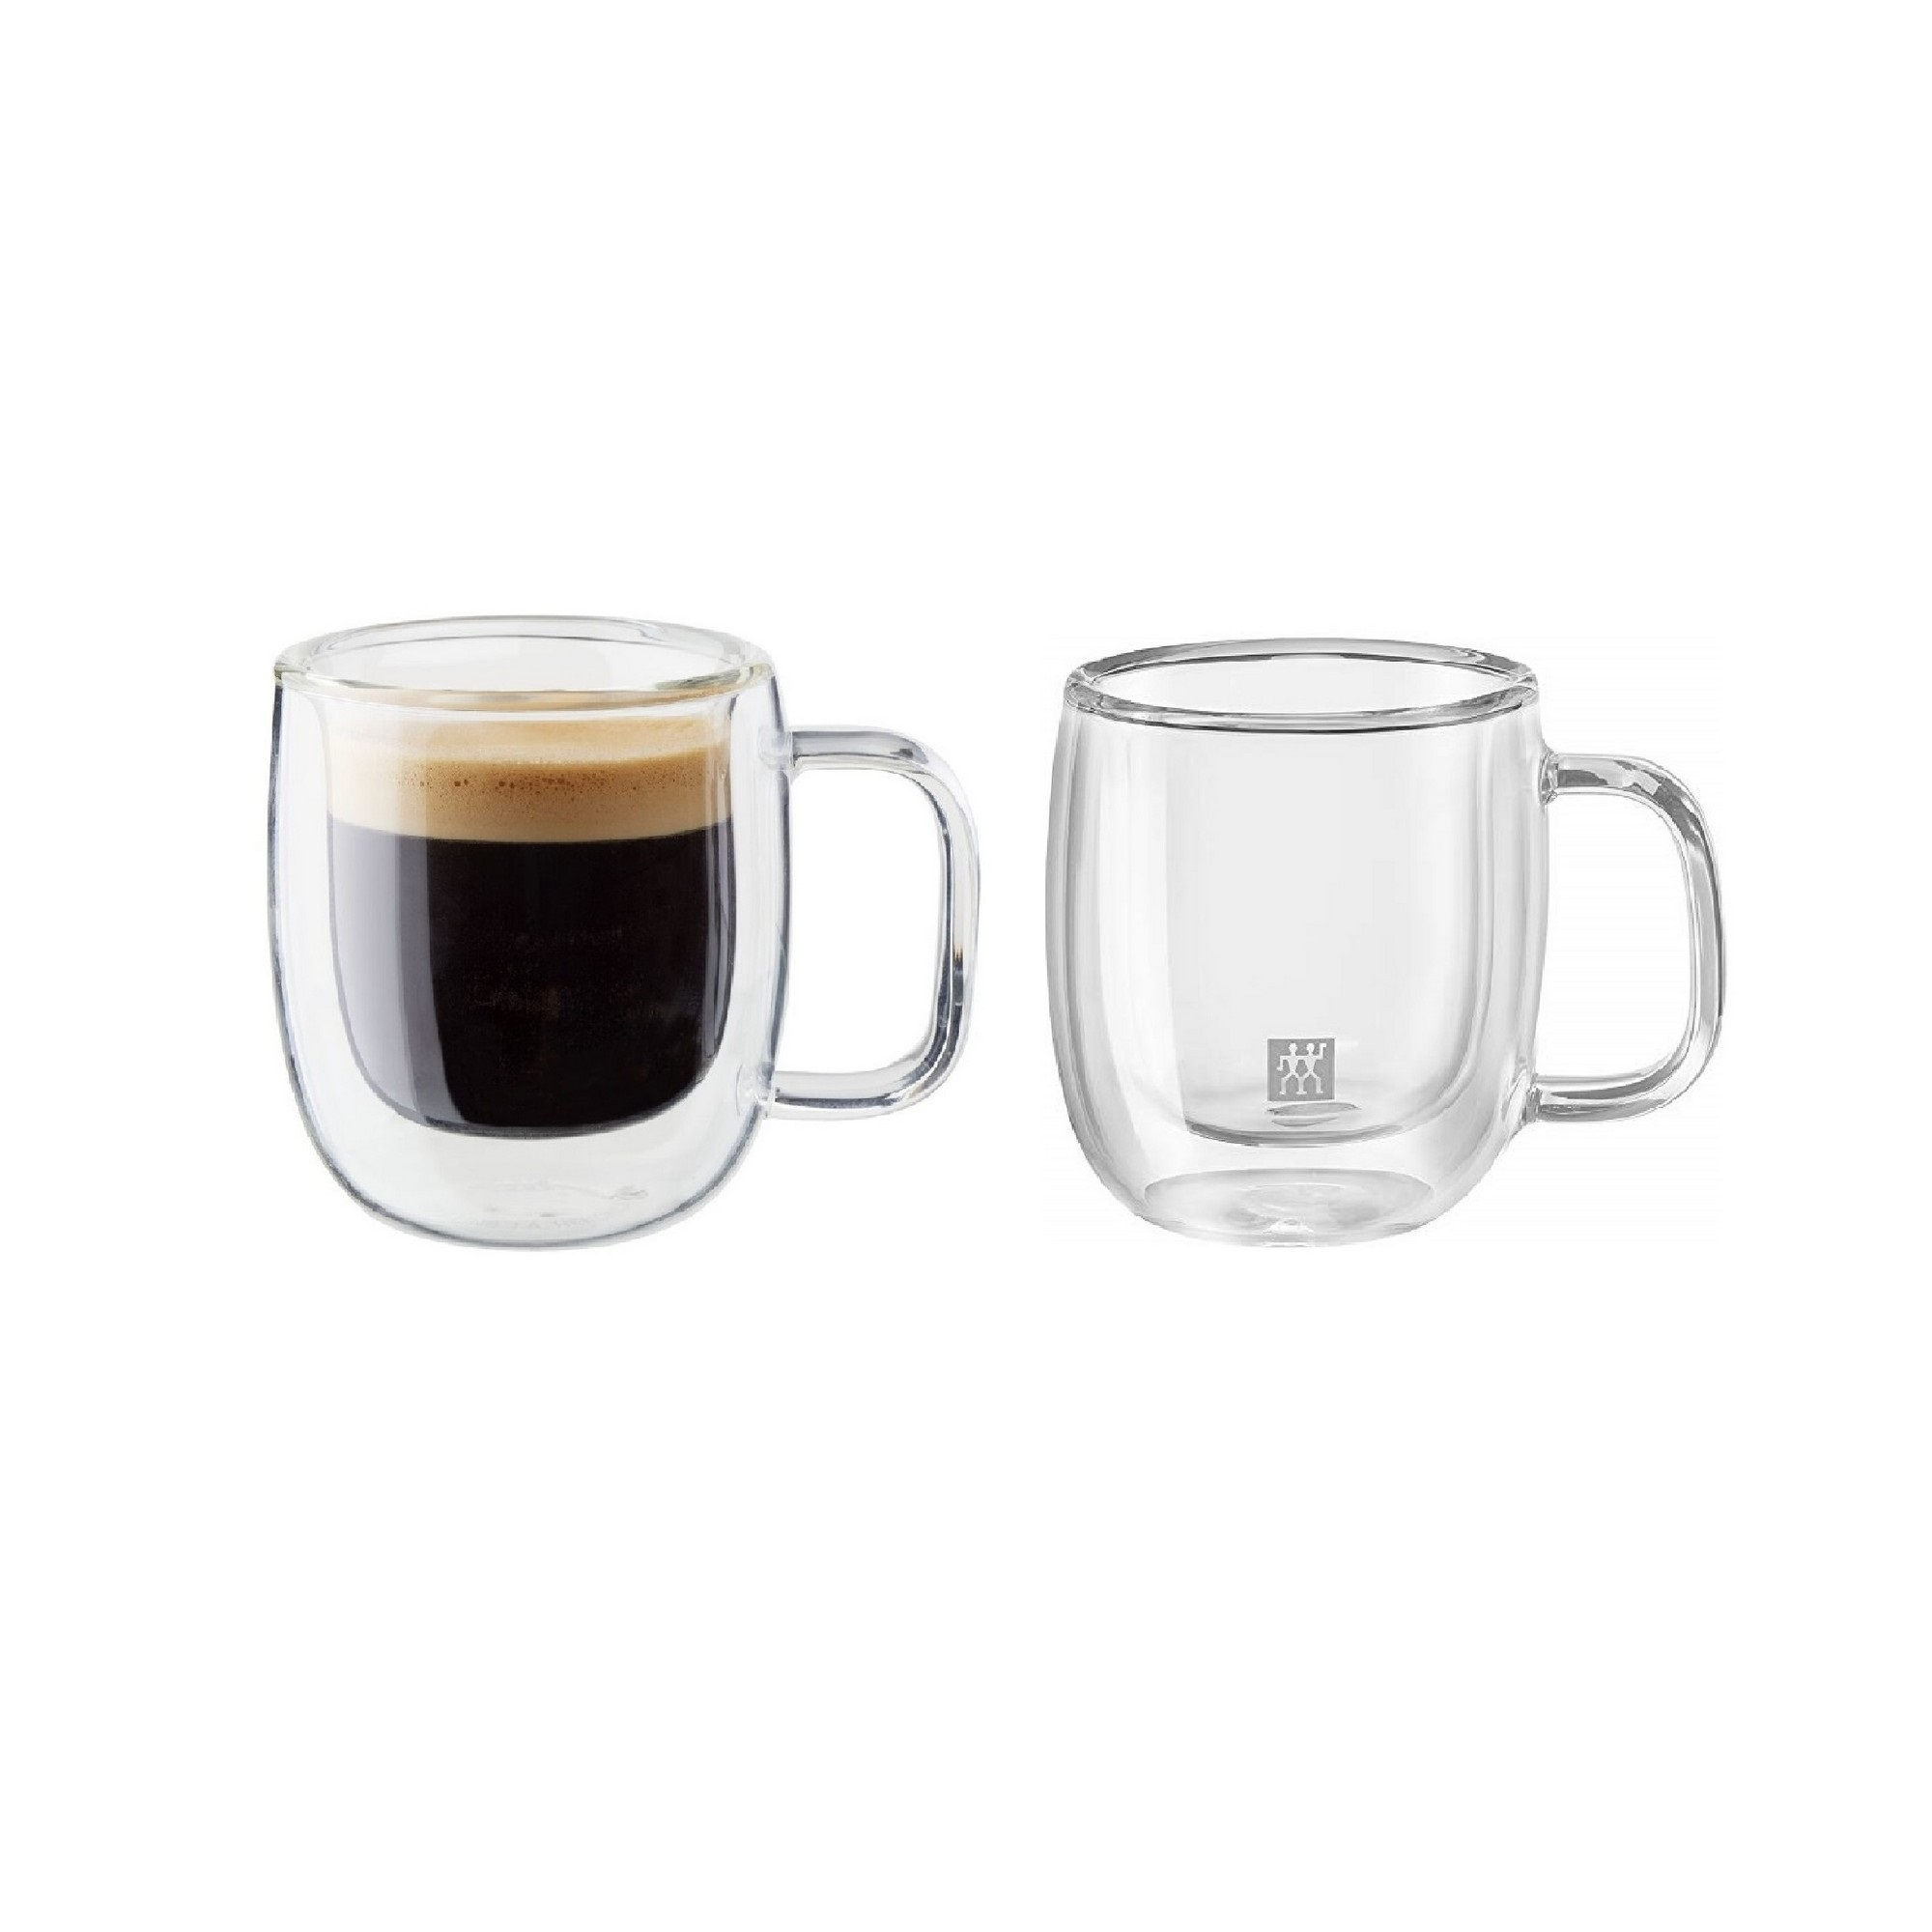 Jogo de Canecas para Espresso 80ml Zwilling Sorrento 2 Peças Parede Dupla